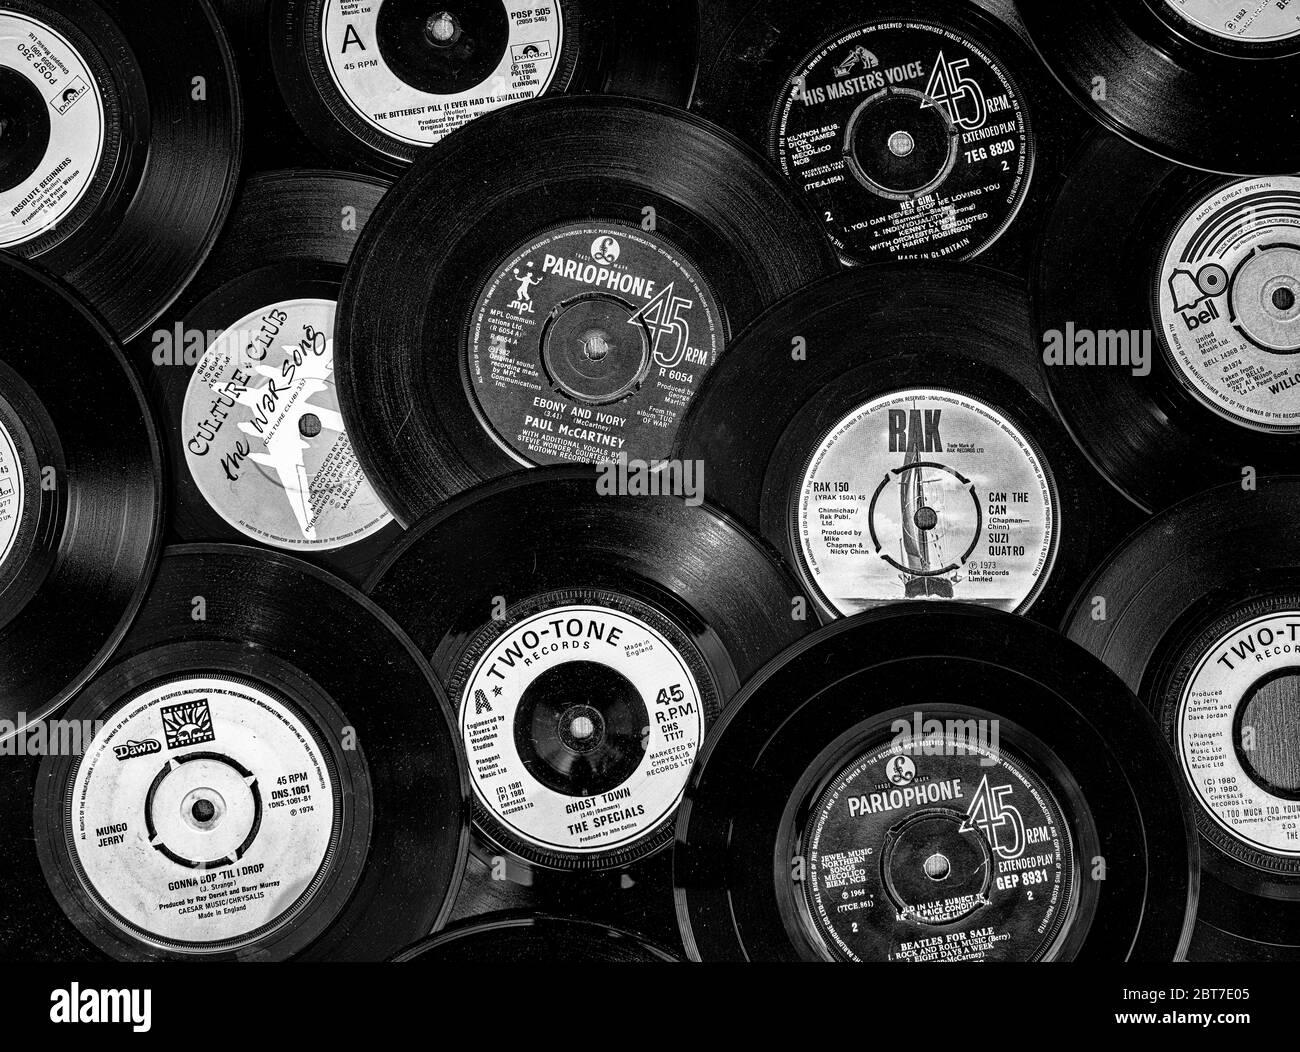 Auswahl an Vintage Vinyl 45rpm Singles mit verschiedenen Plattenlabels, die beliebte 7 Zoll Single wurde erstmals 1949 von RCA Victor veröffentlicht. Stockfoto